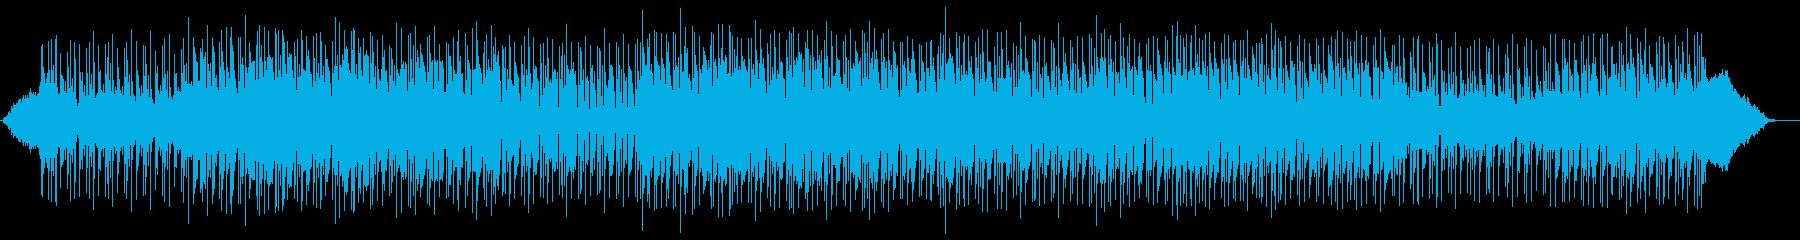 落ち着き広がりのあるシンセサイザーの曲の再生済みの波形